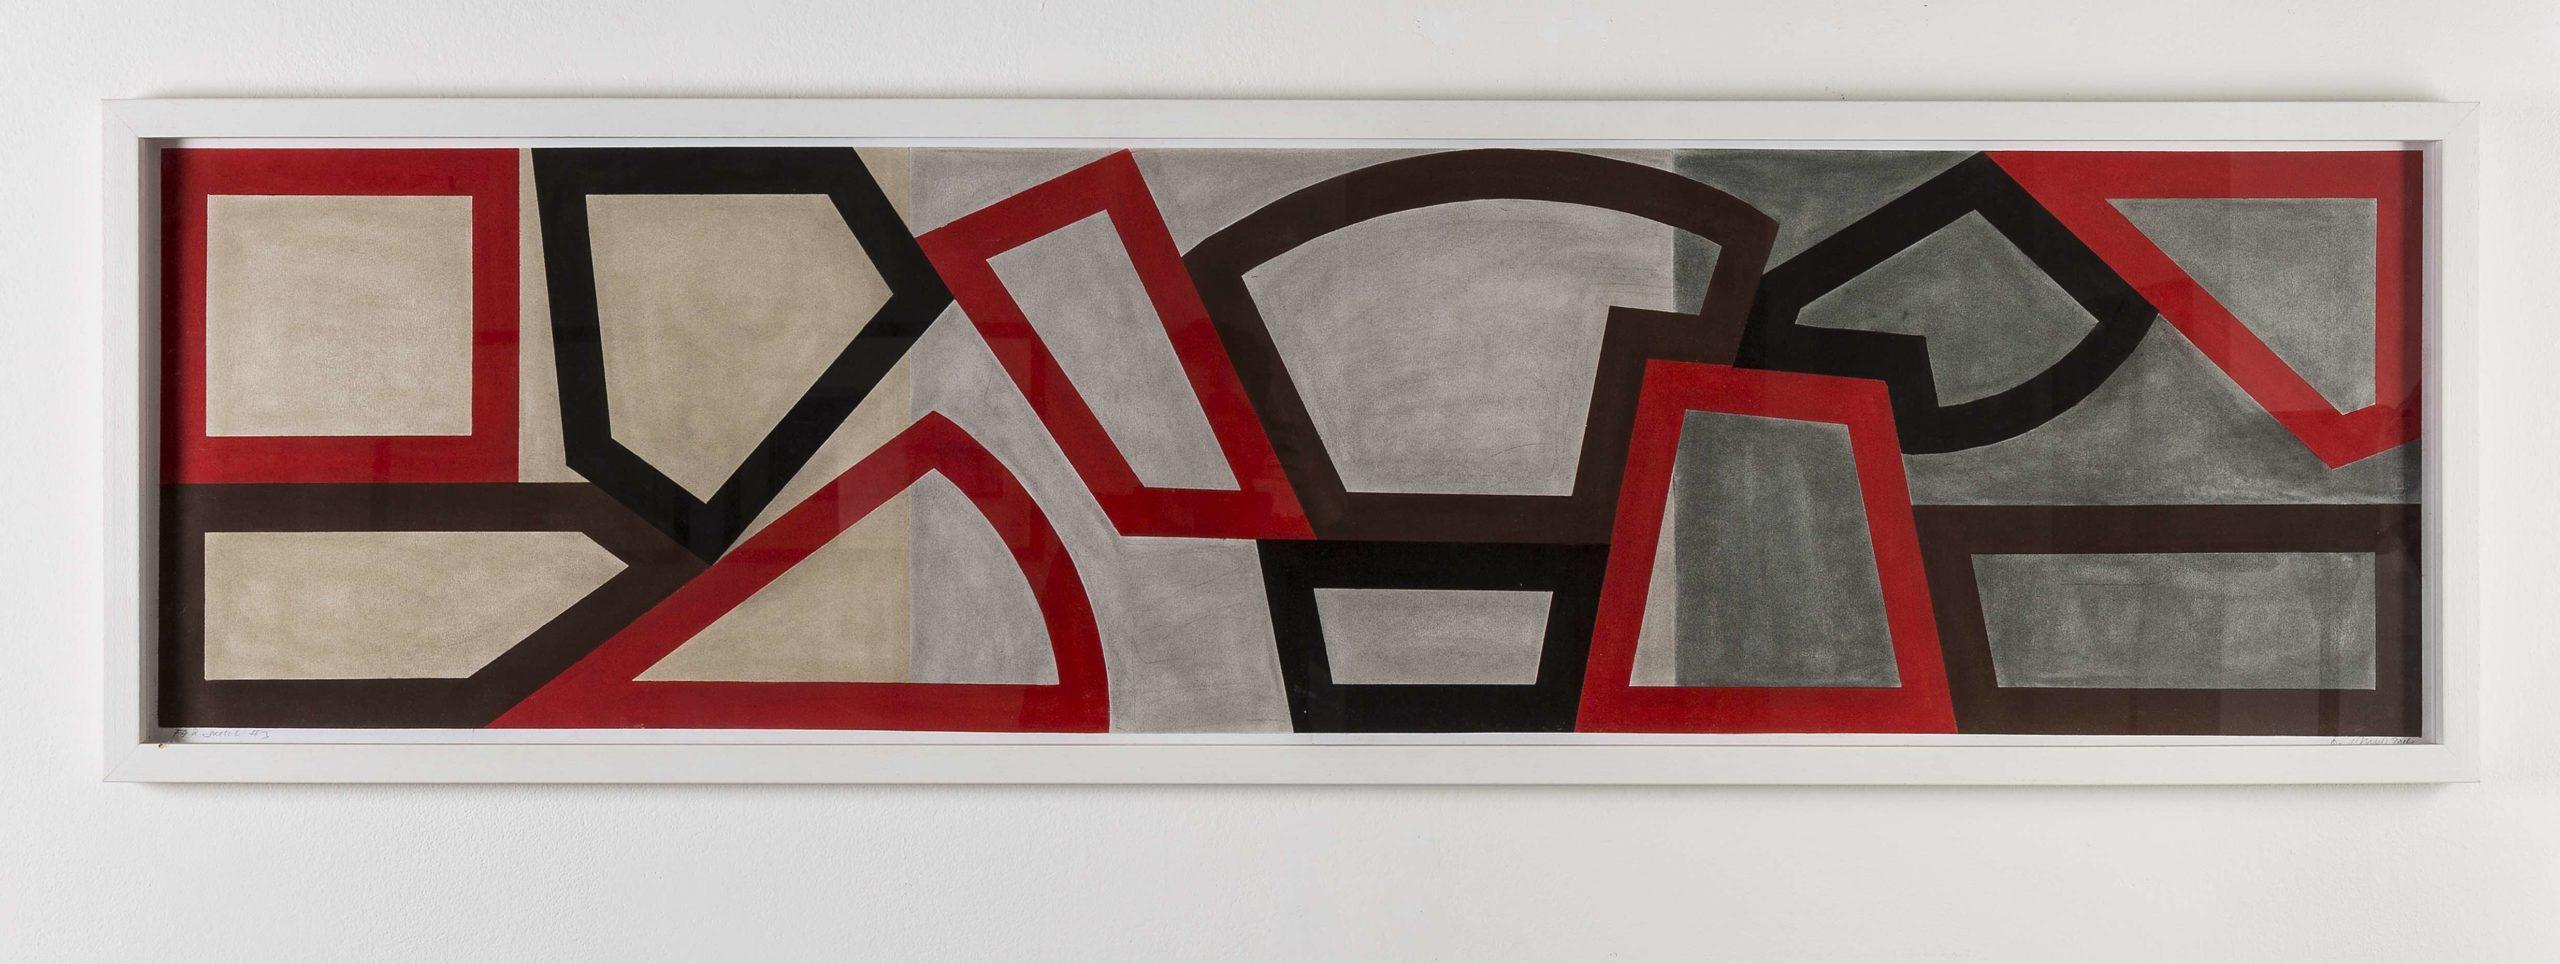 """""""F&R sketch (3)"""" 2014, pastello su carta, 40 x 122.5 cm"""